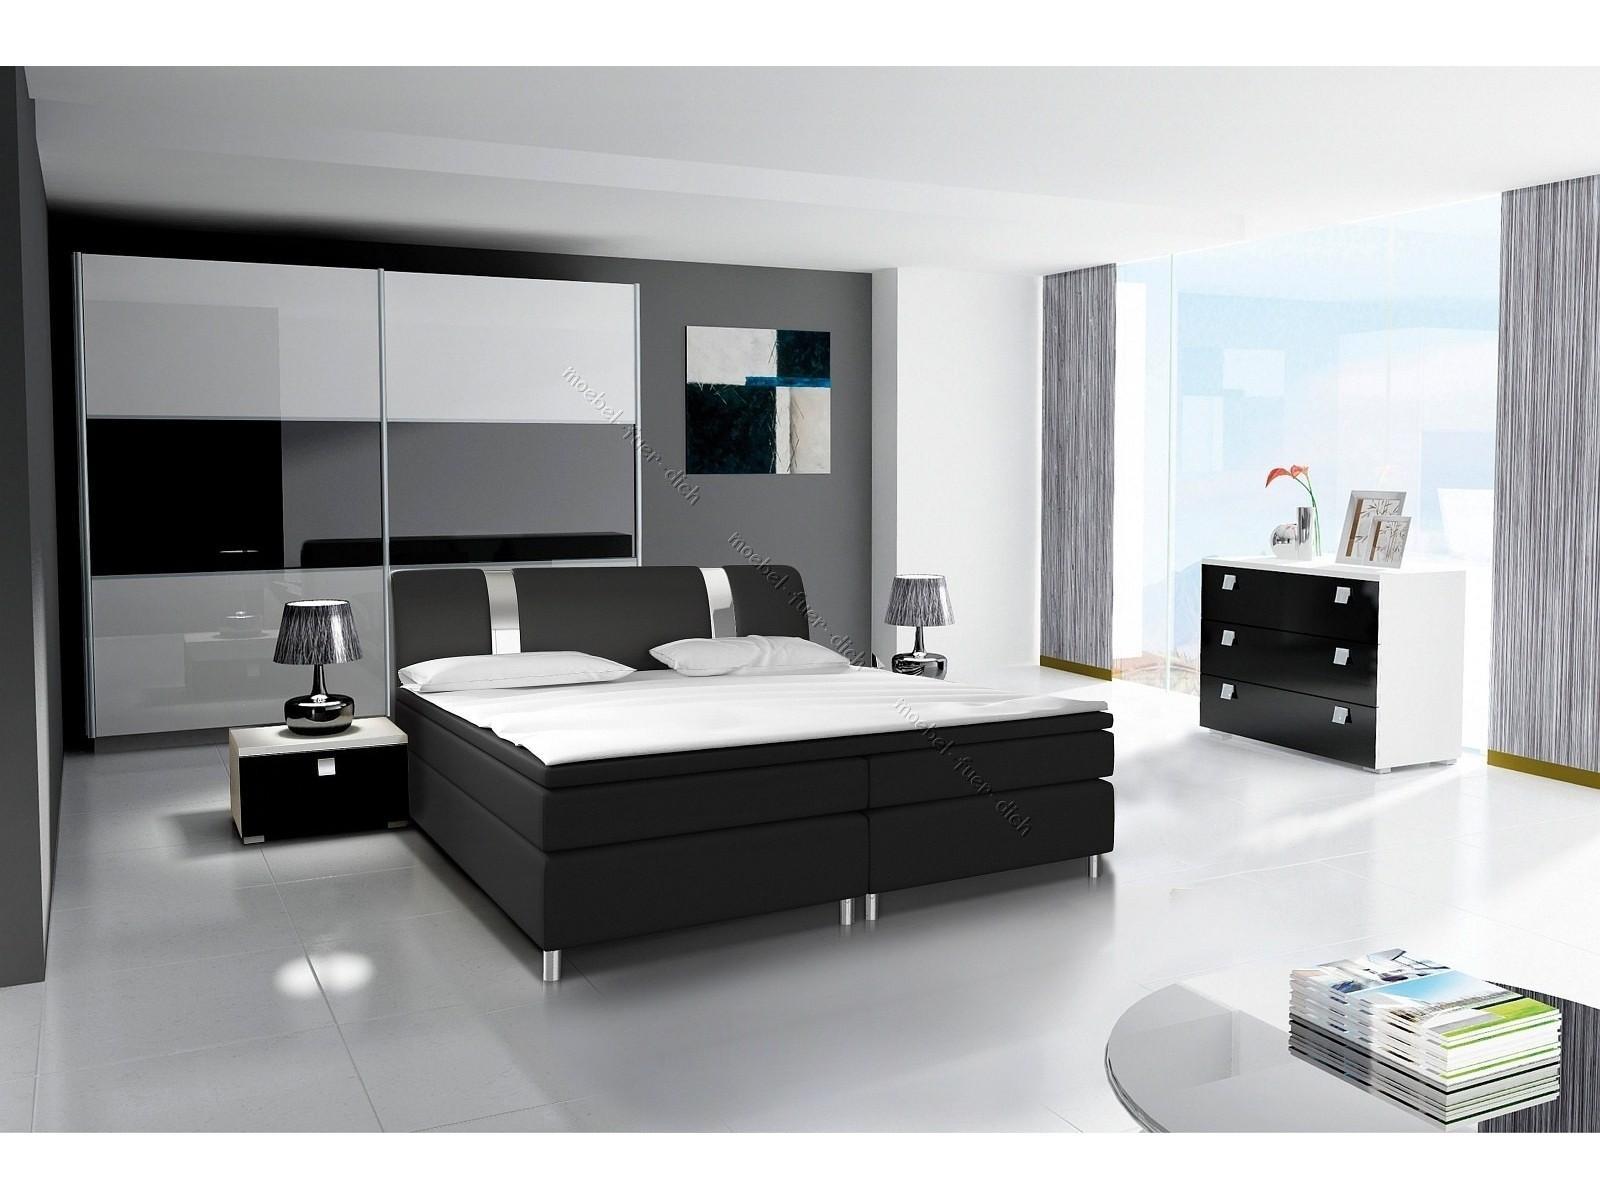 Schlafzimmermöbel Mit Boxspringbett